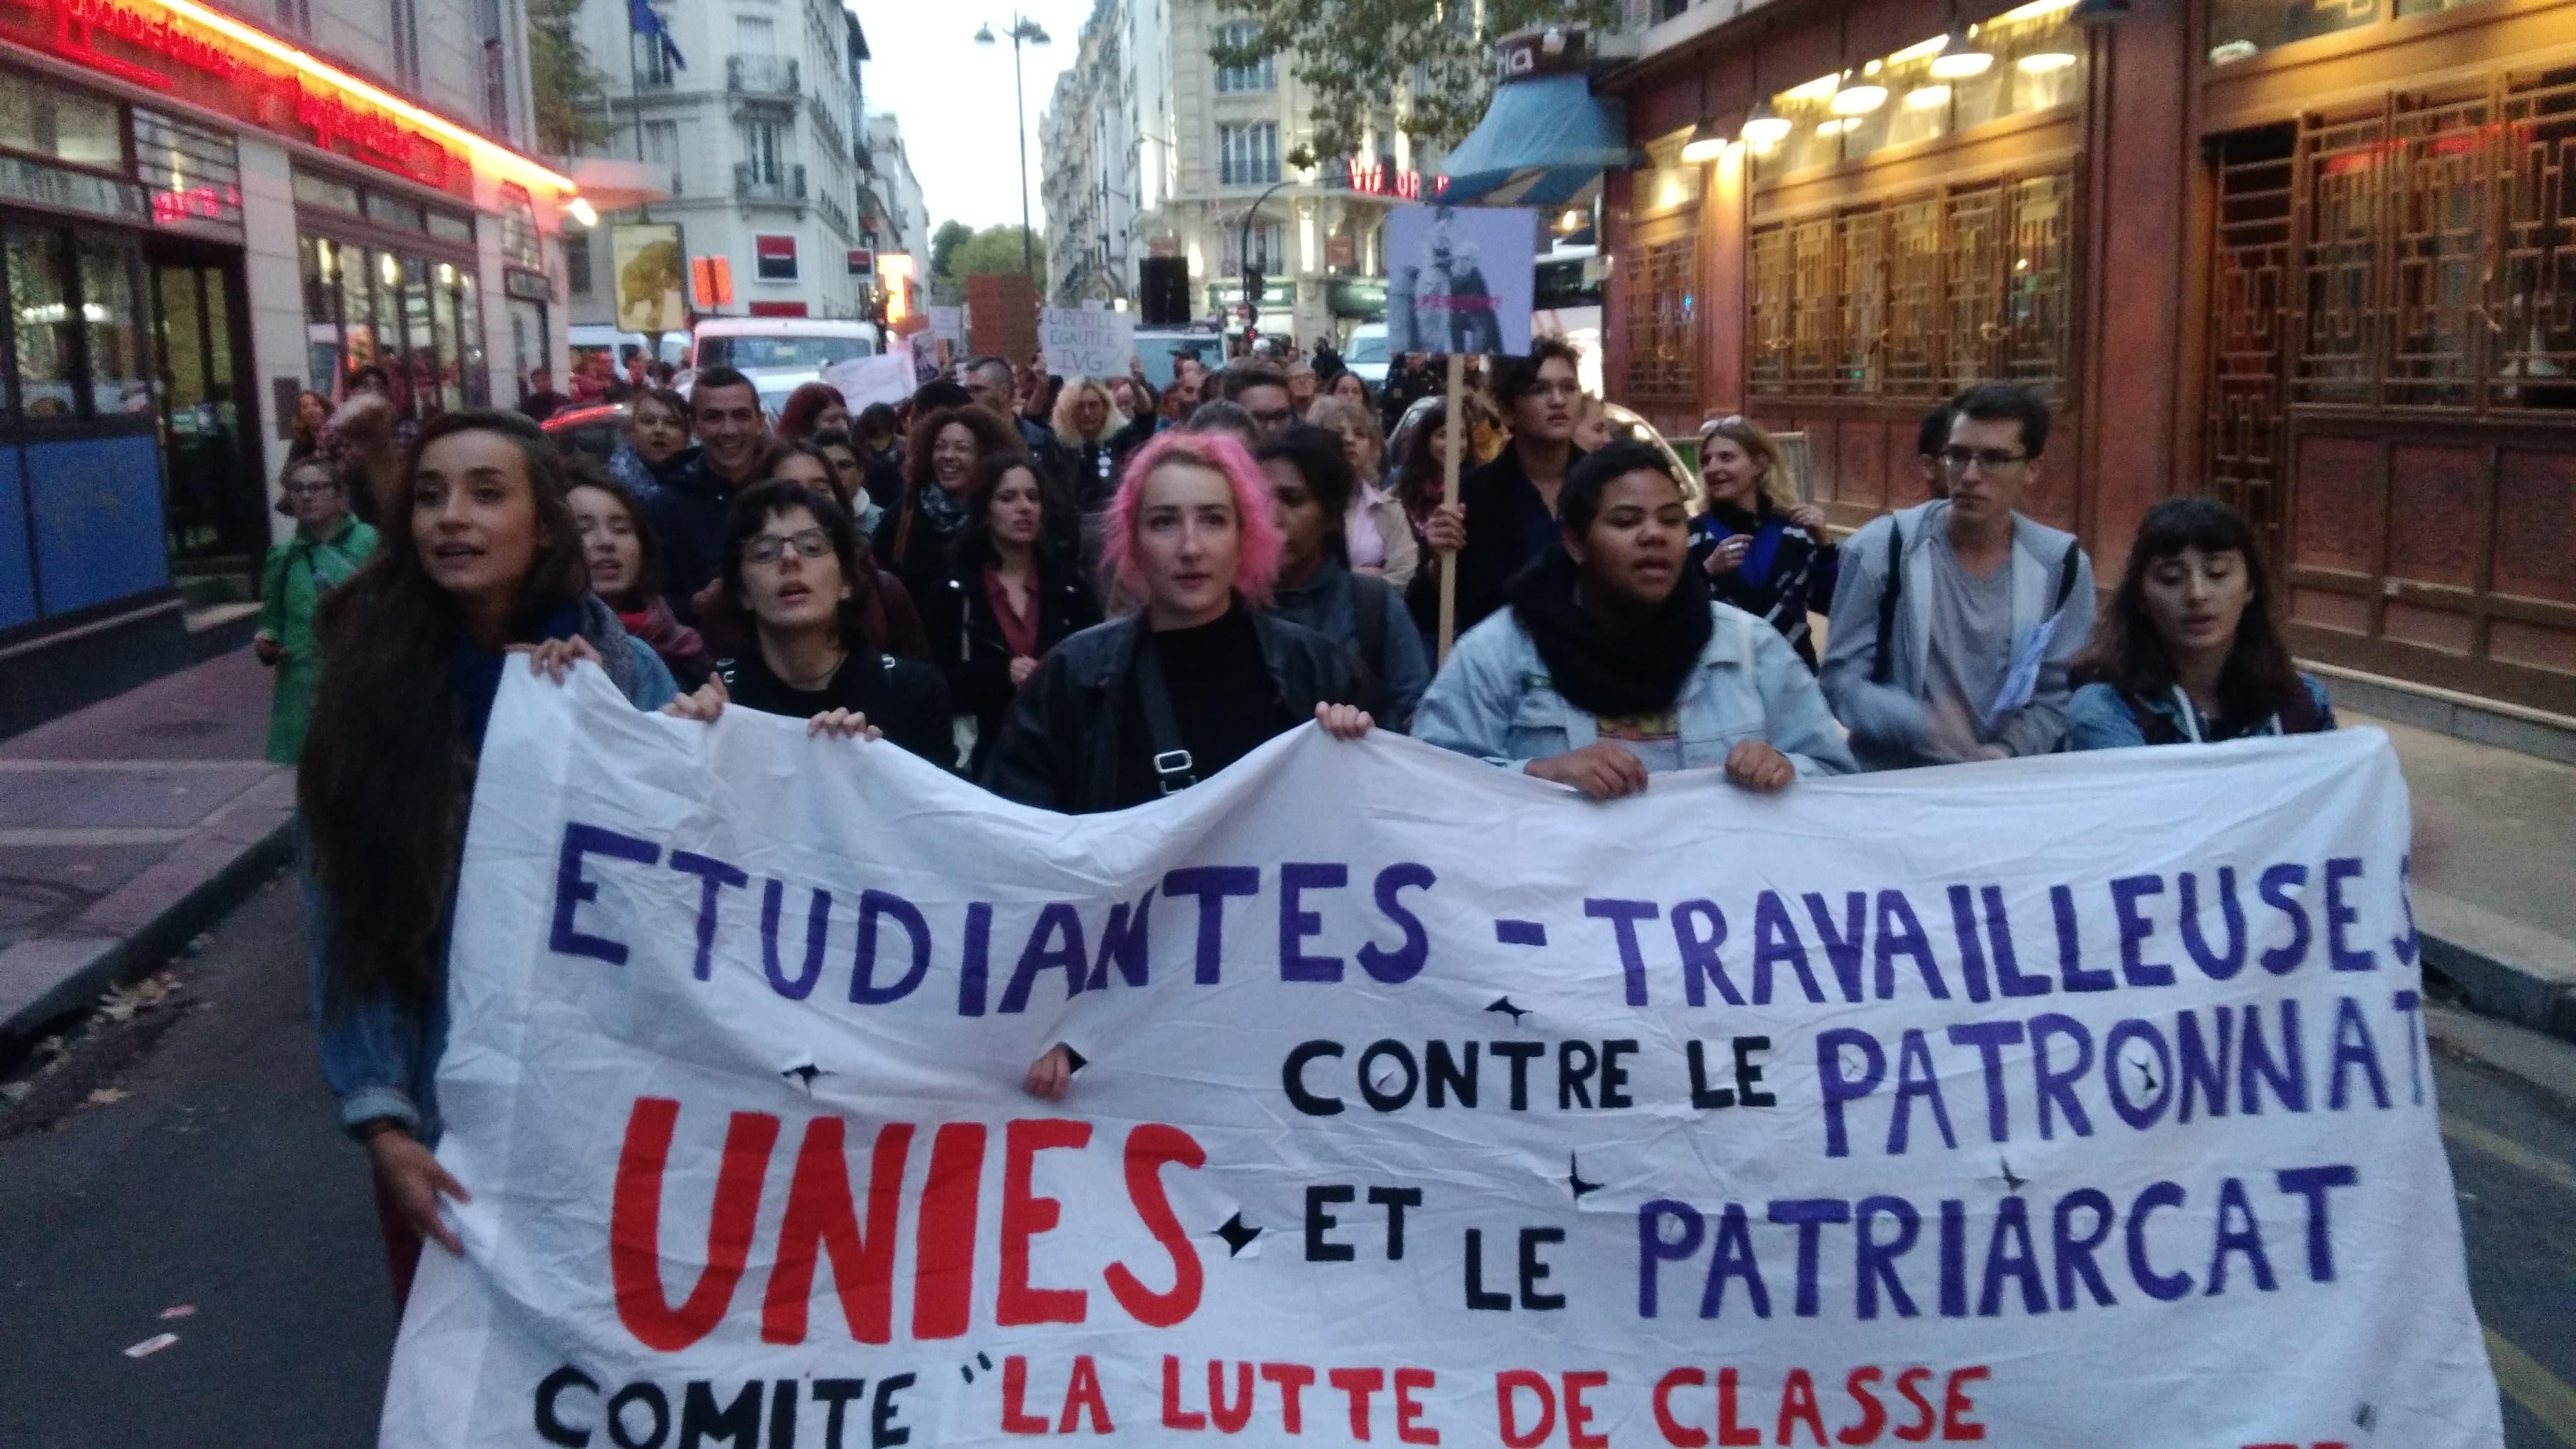 28/09/18 : manifestation pour le droit à l'avortement (photos et vidéo)